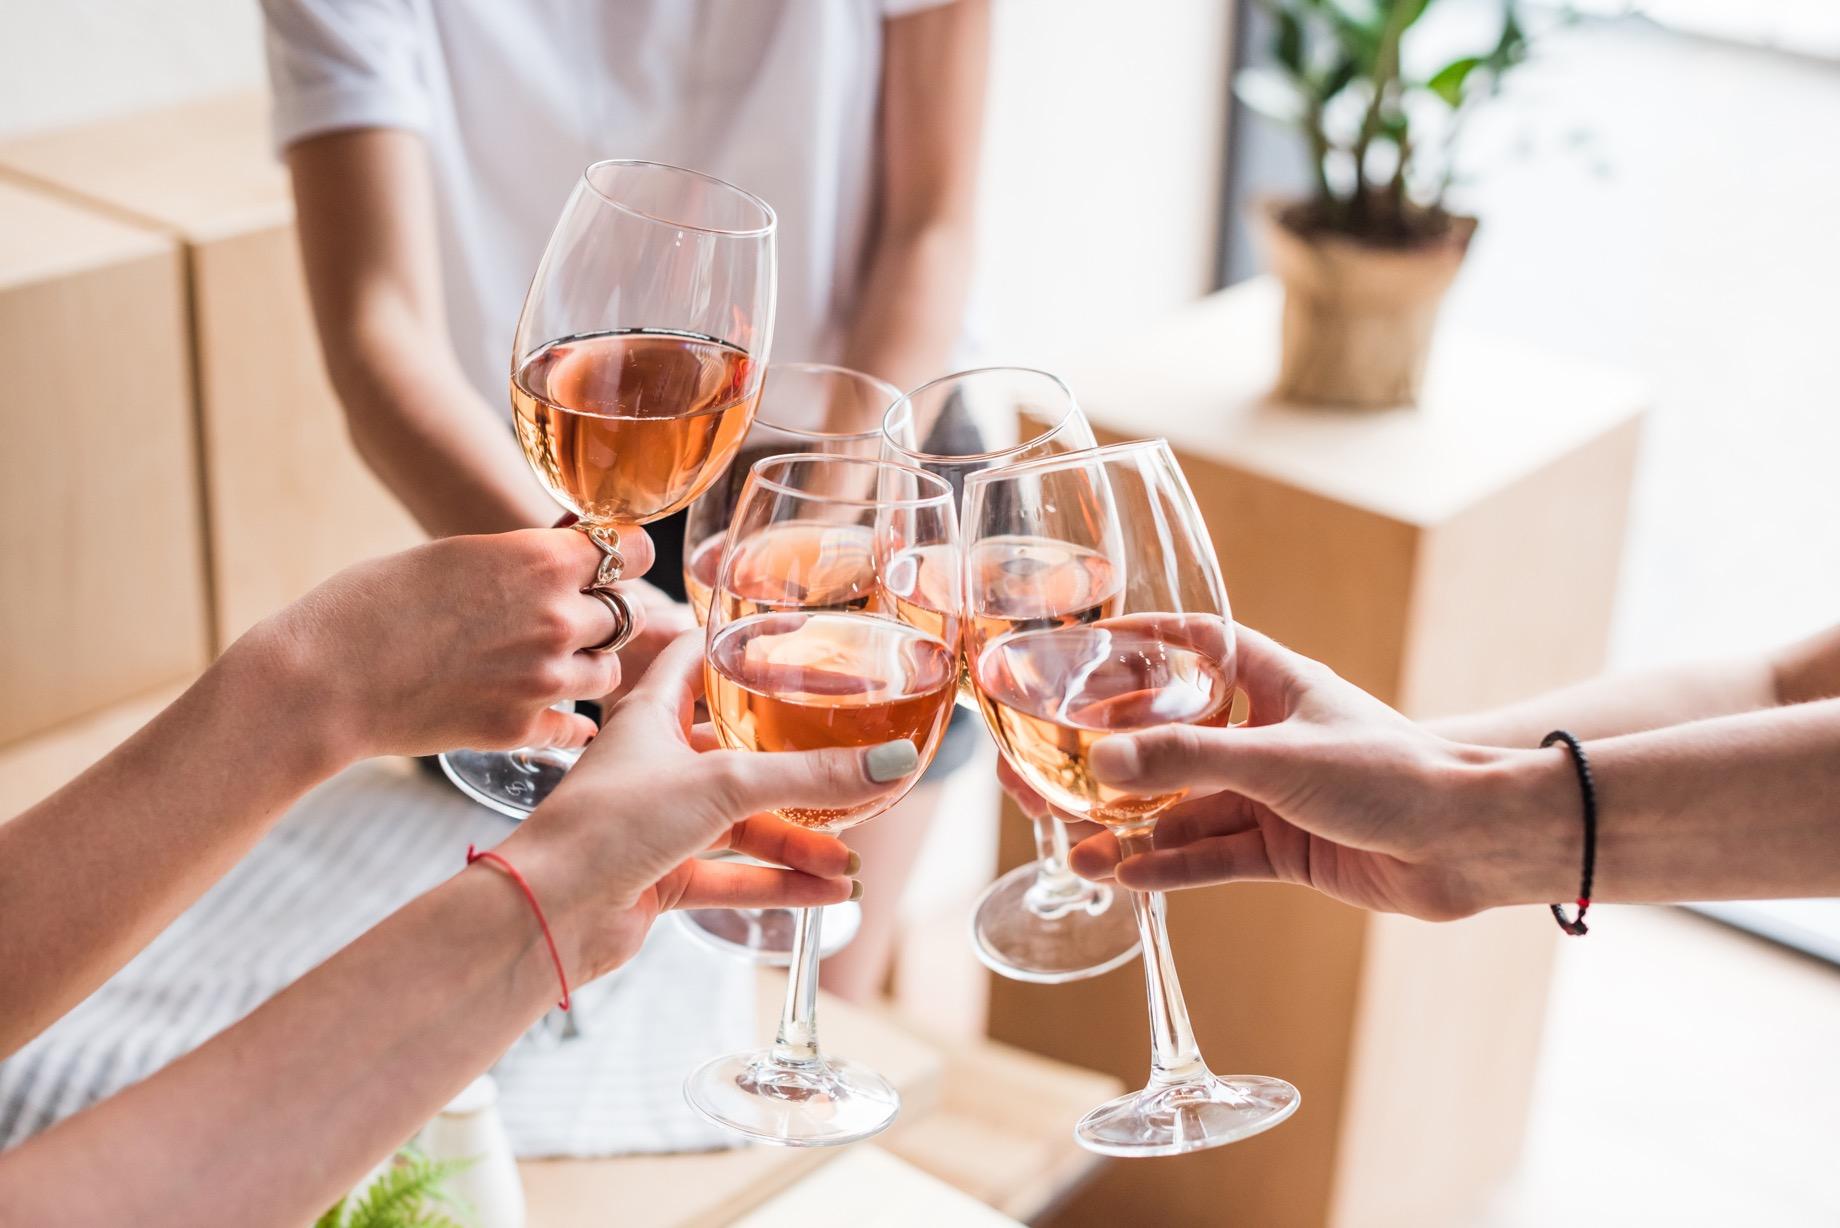 フルーツワインってどんなワイン?気軽に楽しめるおすすめフルーツワインをご紹介